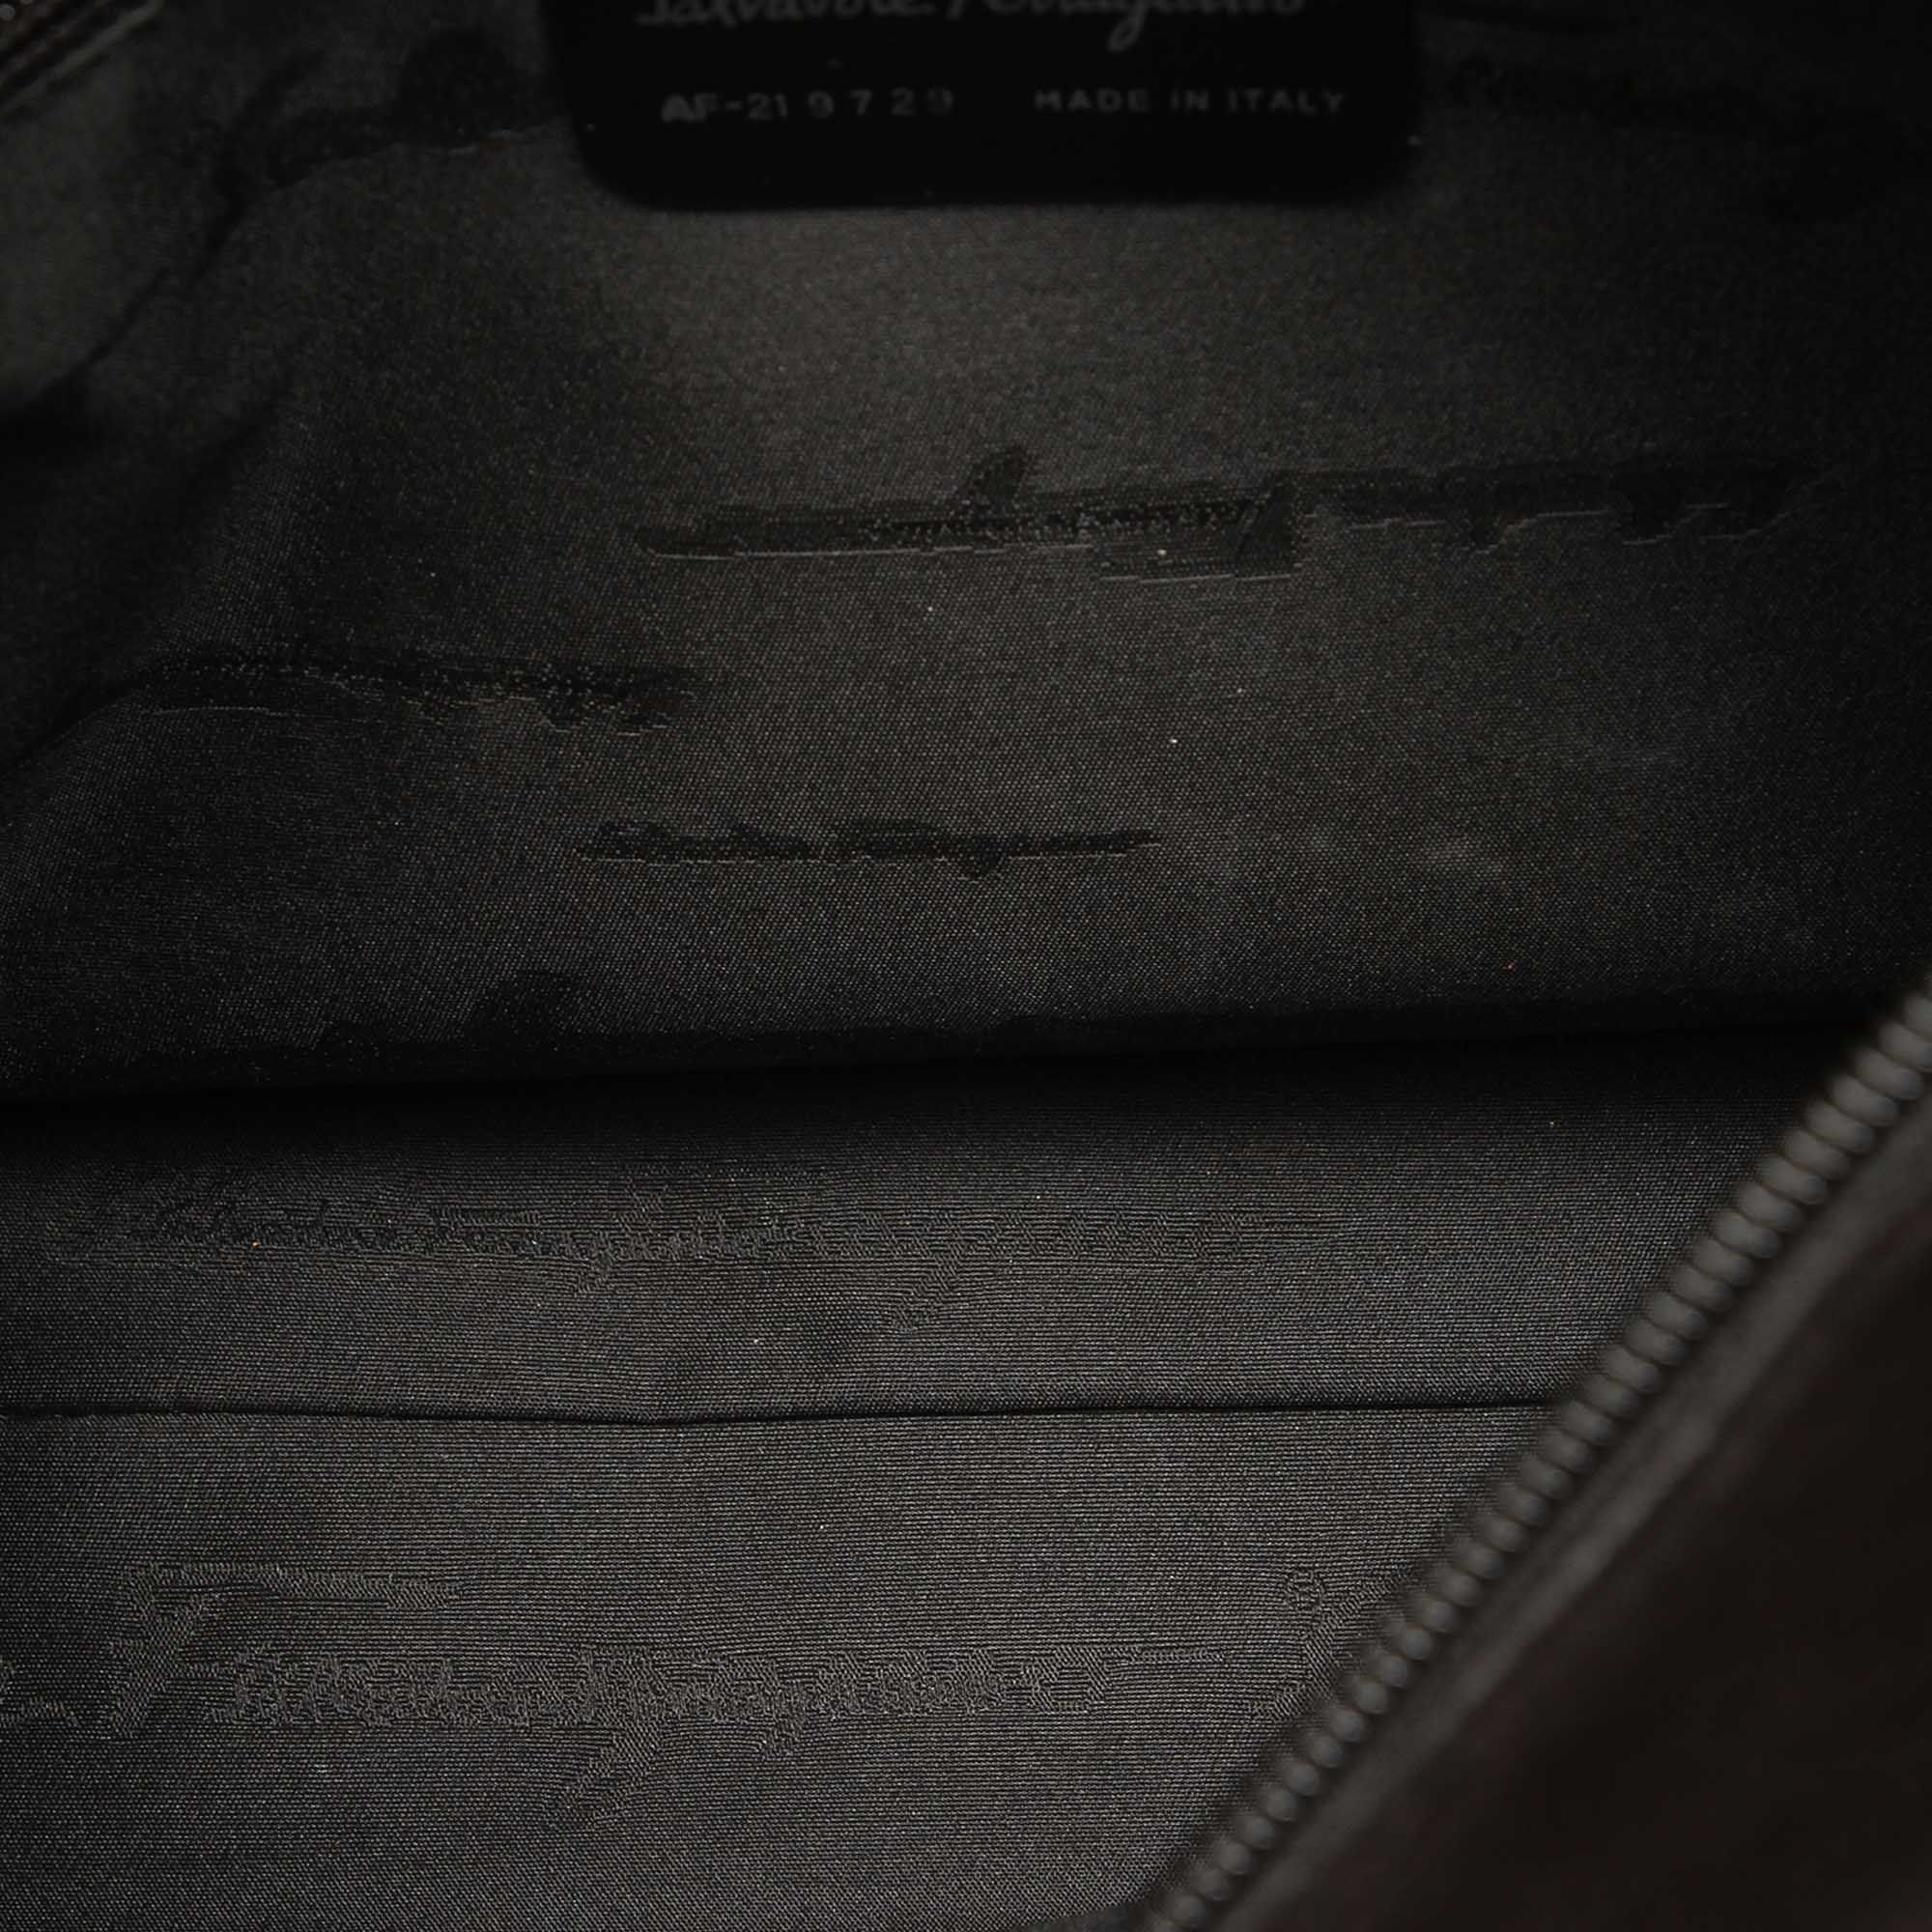 Vintage Ferragamo Leather Shoulder Bag Black